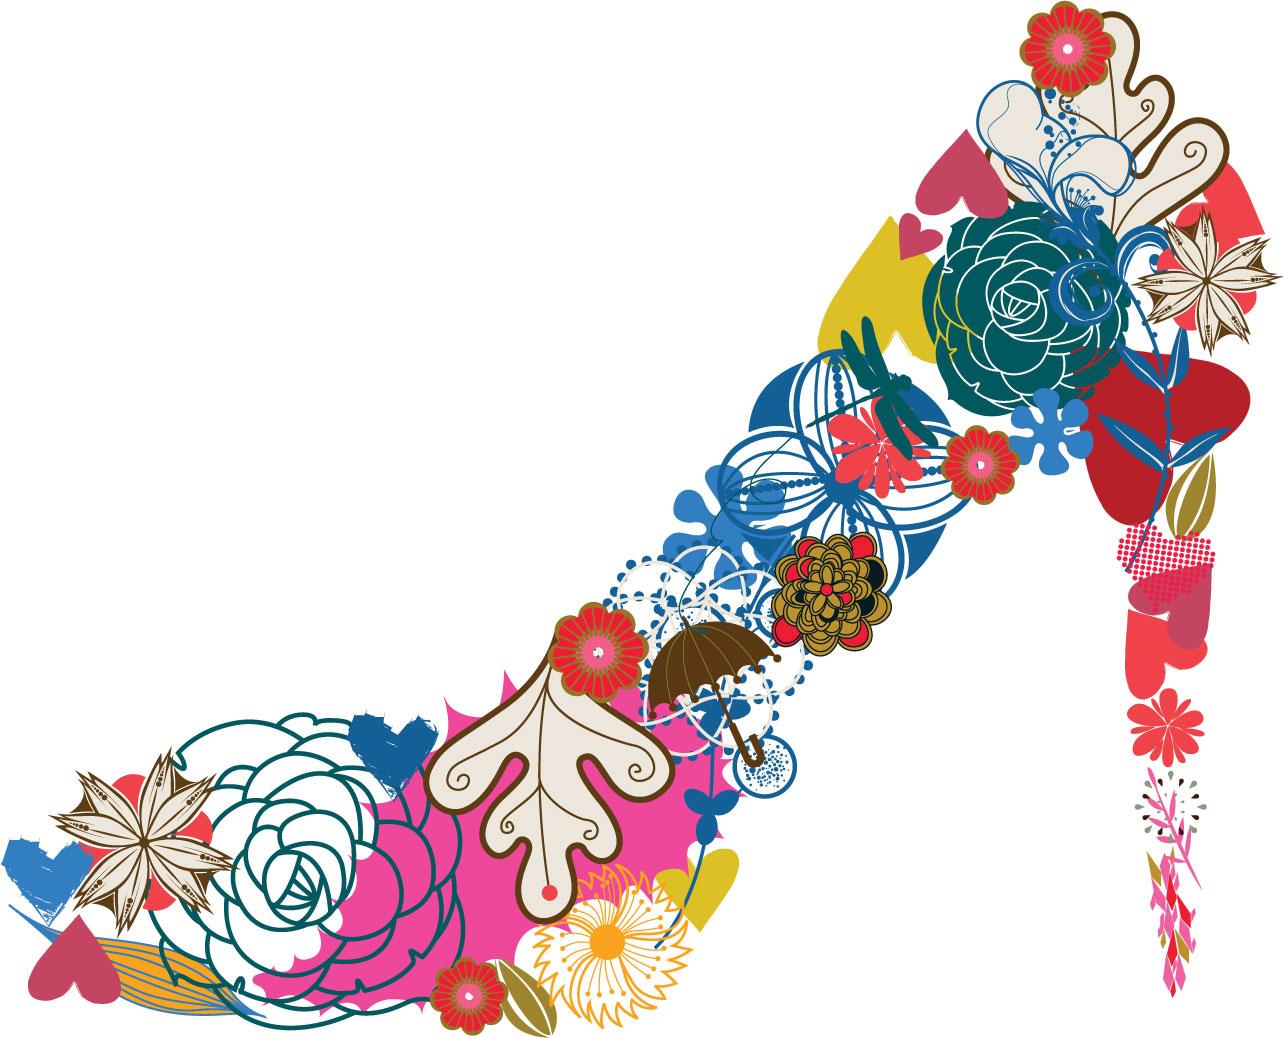 お花や様々なモチーフでハイヒール作り上げたおしゃれなイラスト